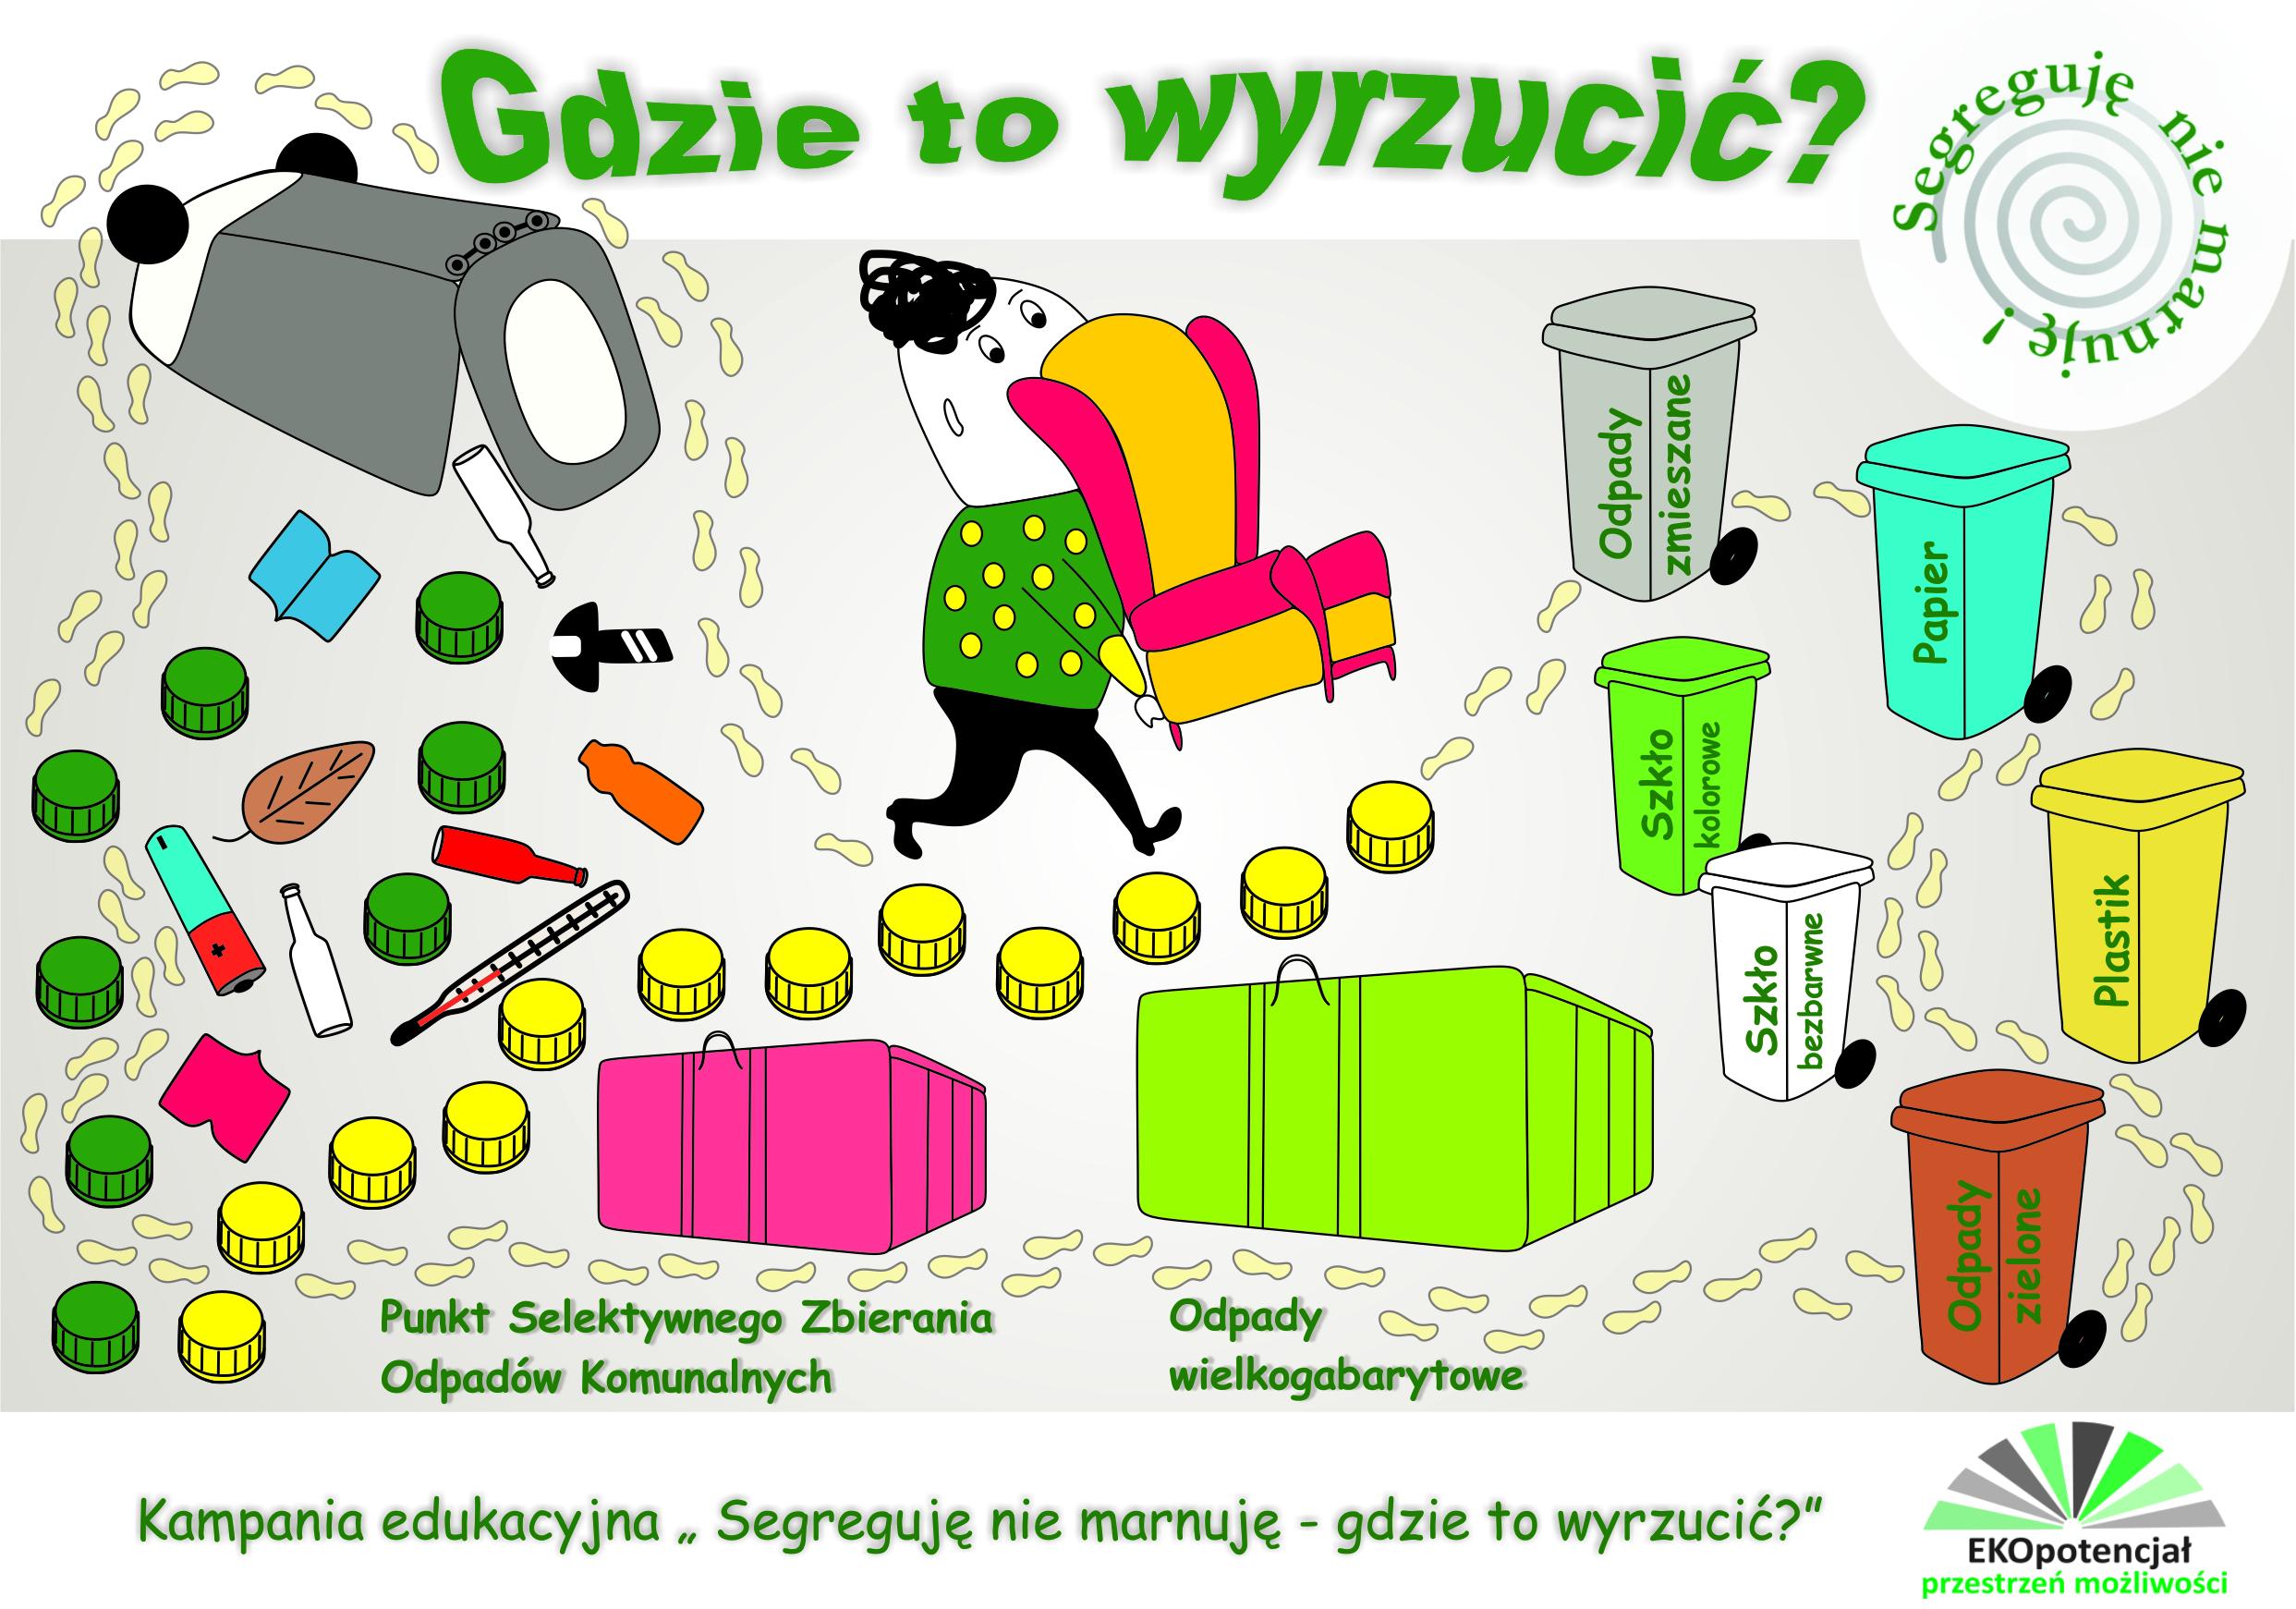 kampania odpadowa w social mediach